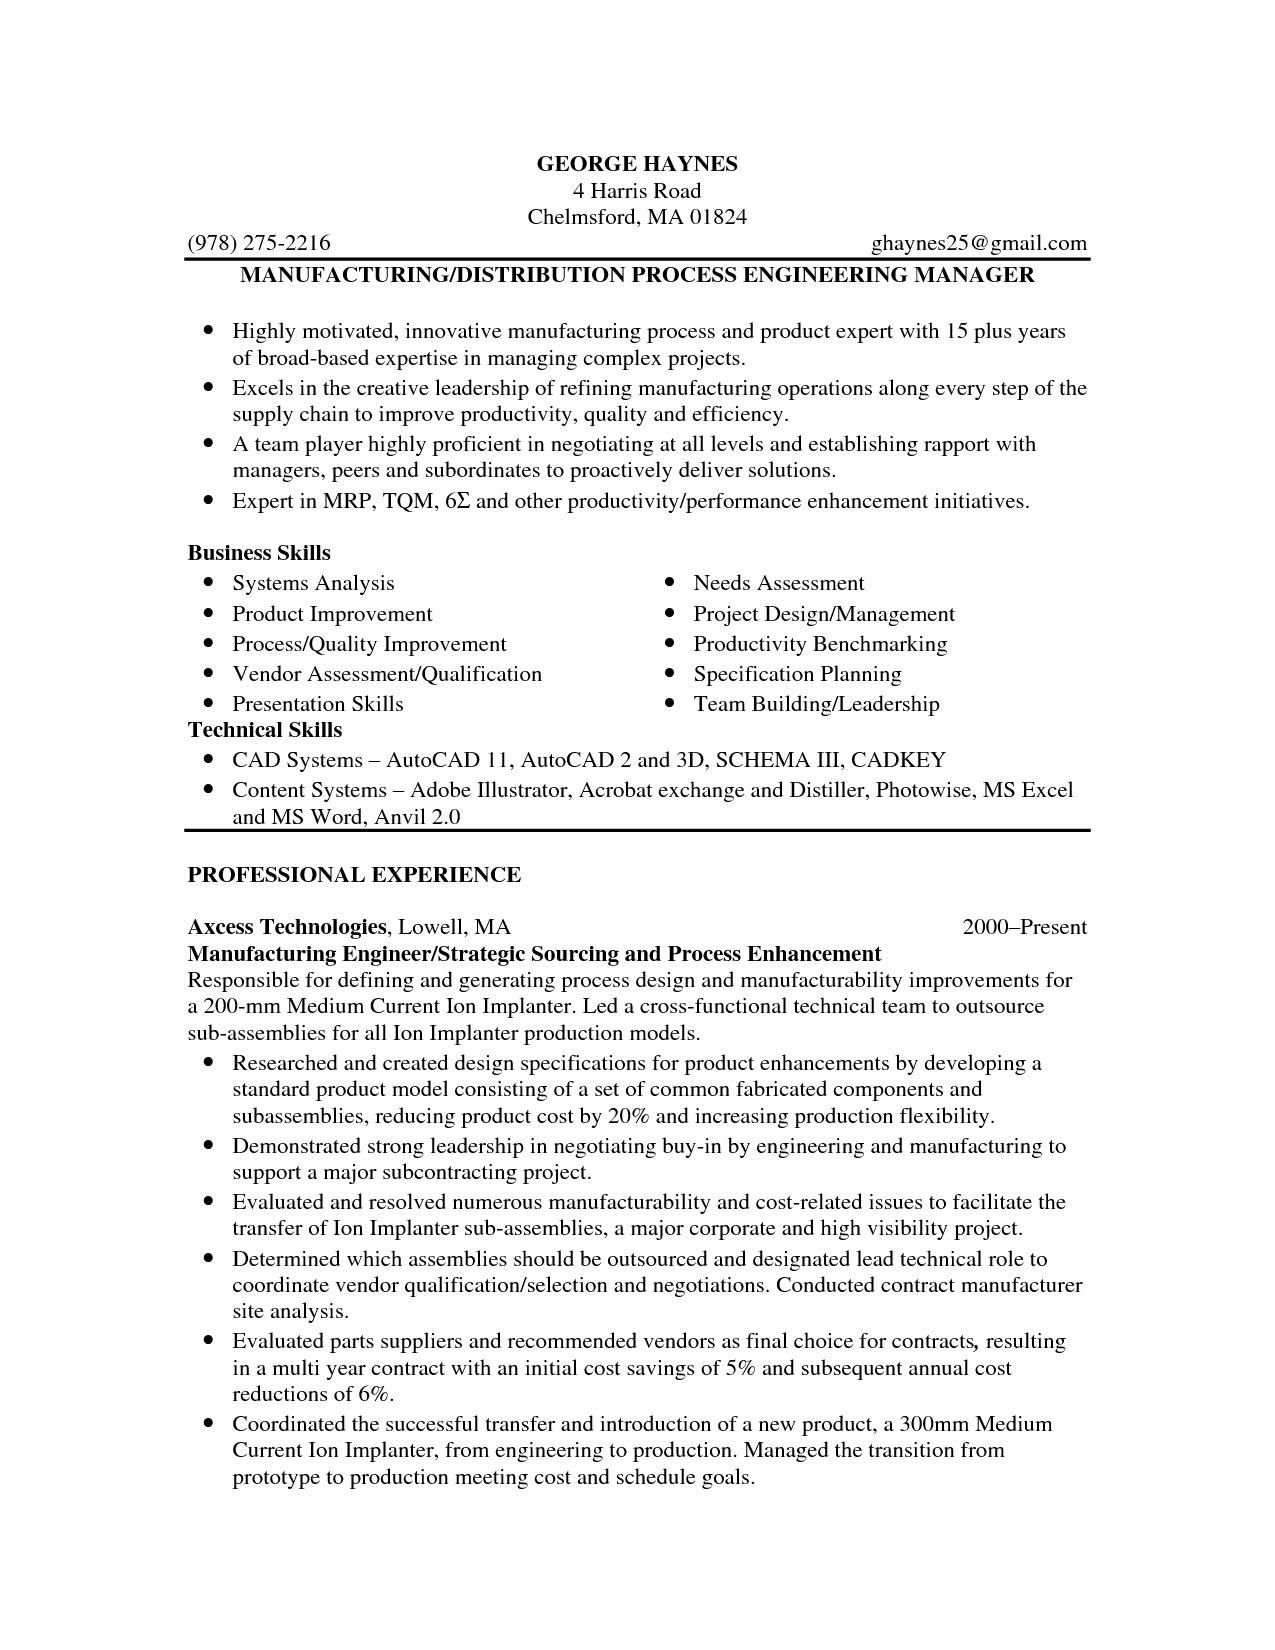 Model Resume Pdf Free Download